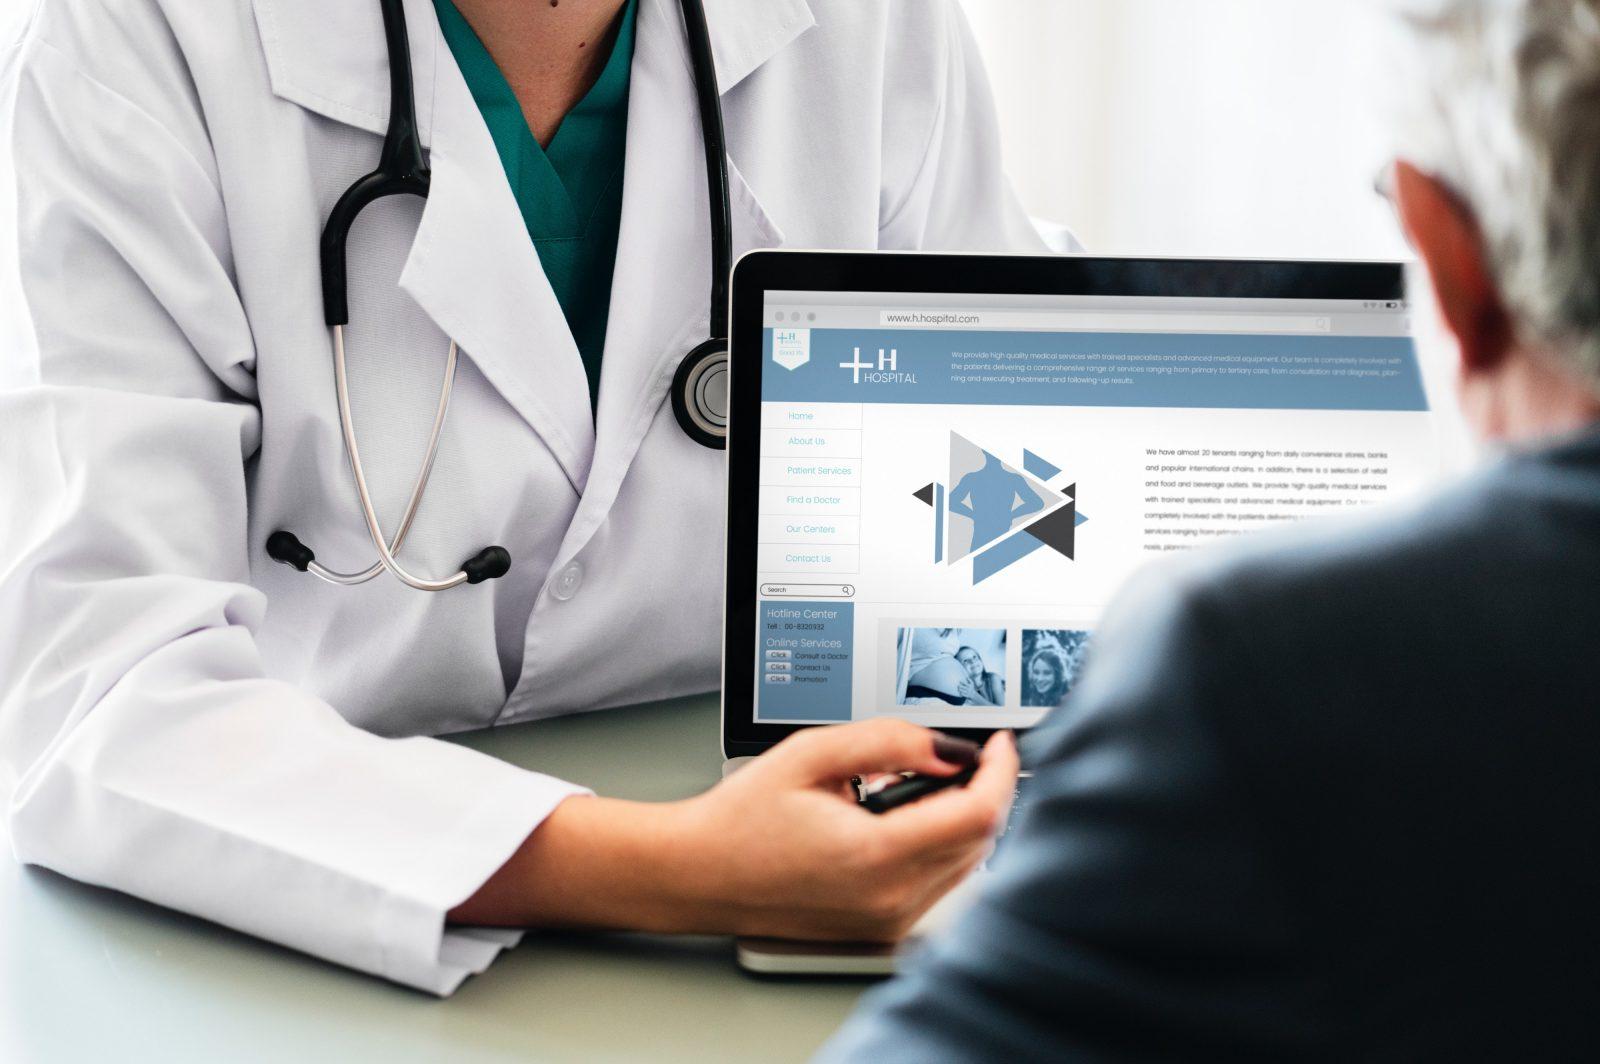 Compra de leads para planos de saúde PME: como funciona e dicas para vender mais